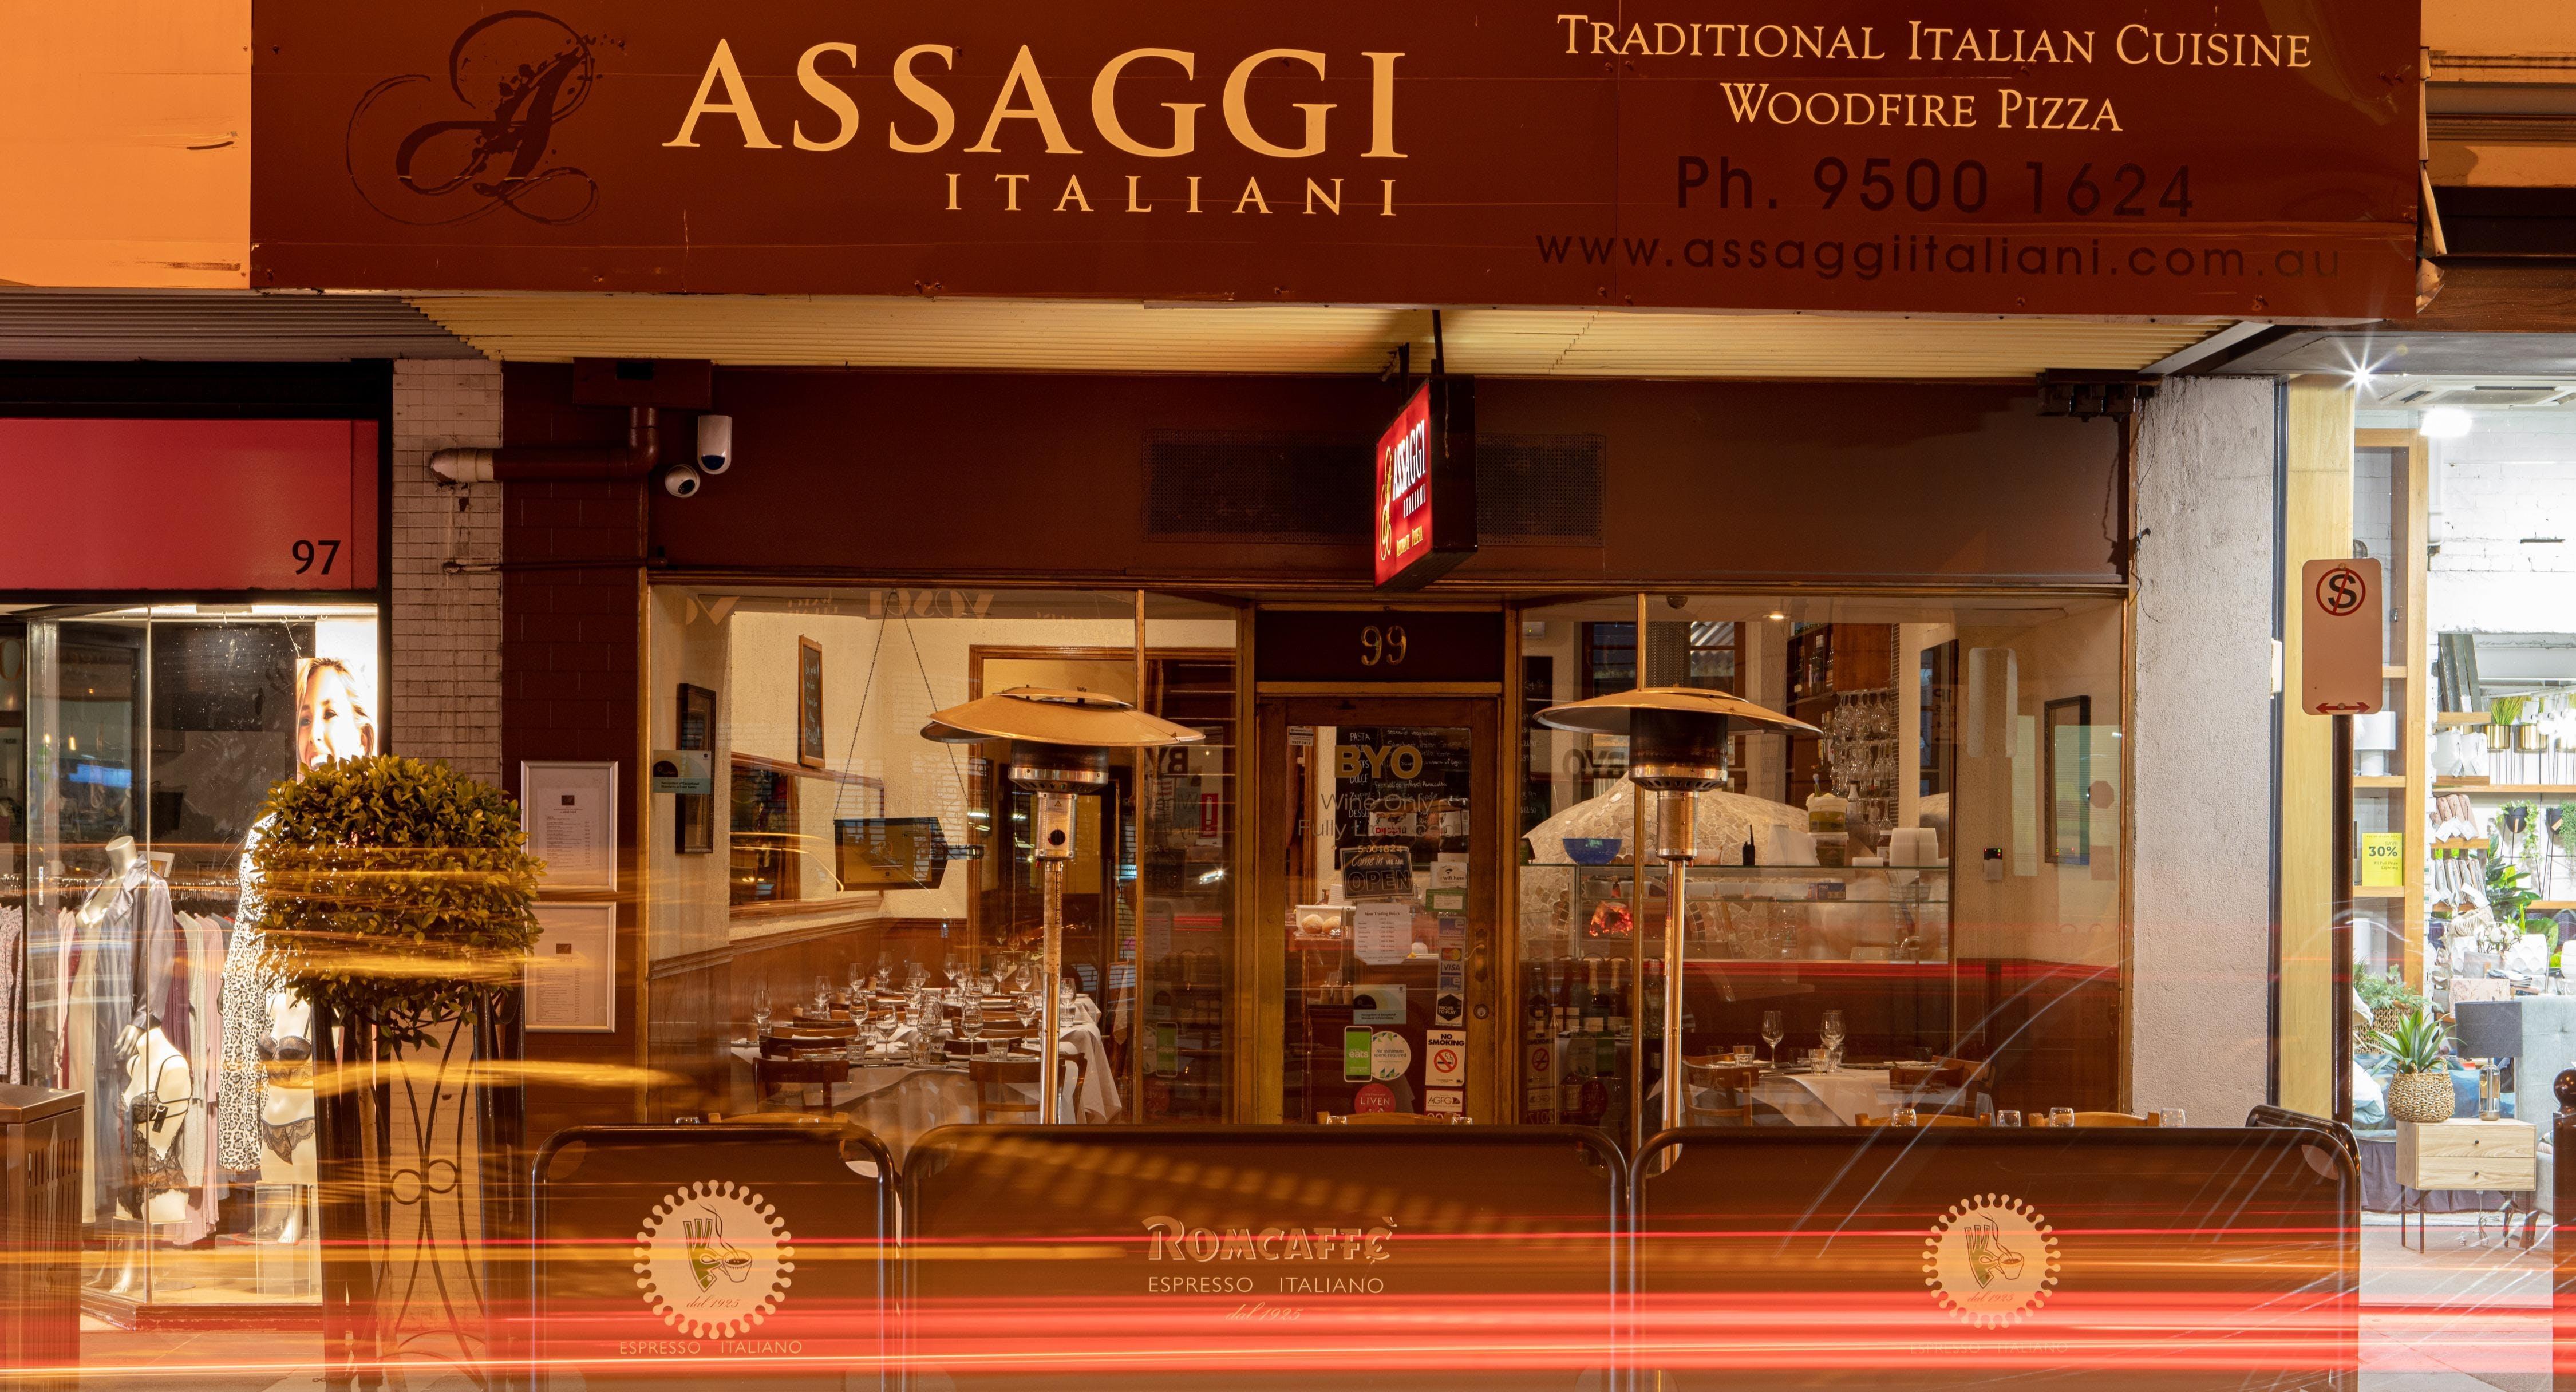 Assaggi Italiani Melbourne image 2